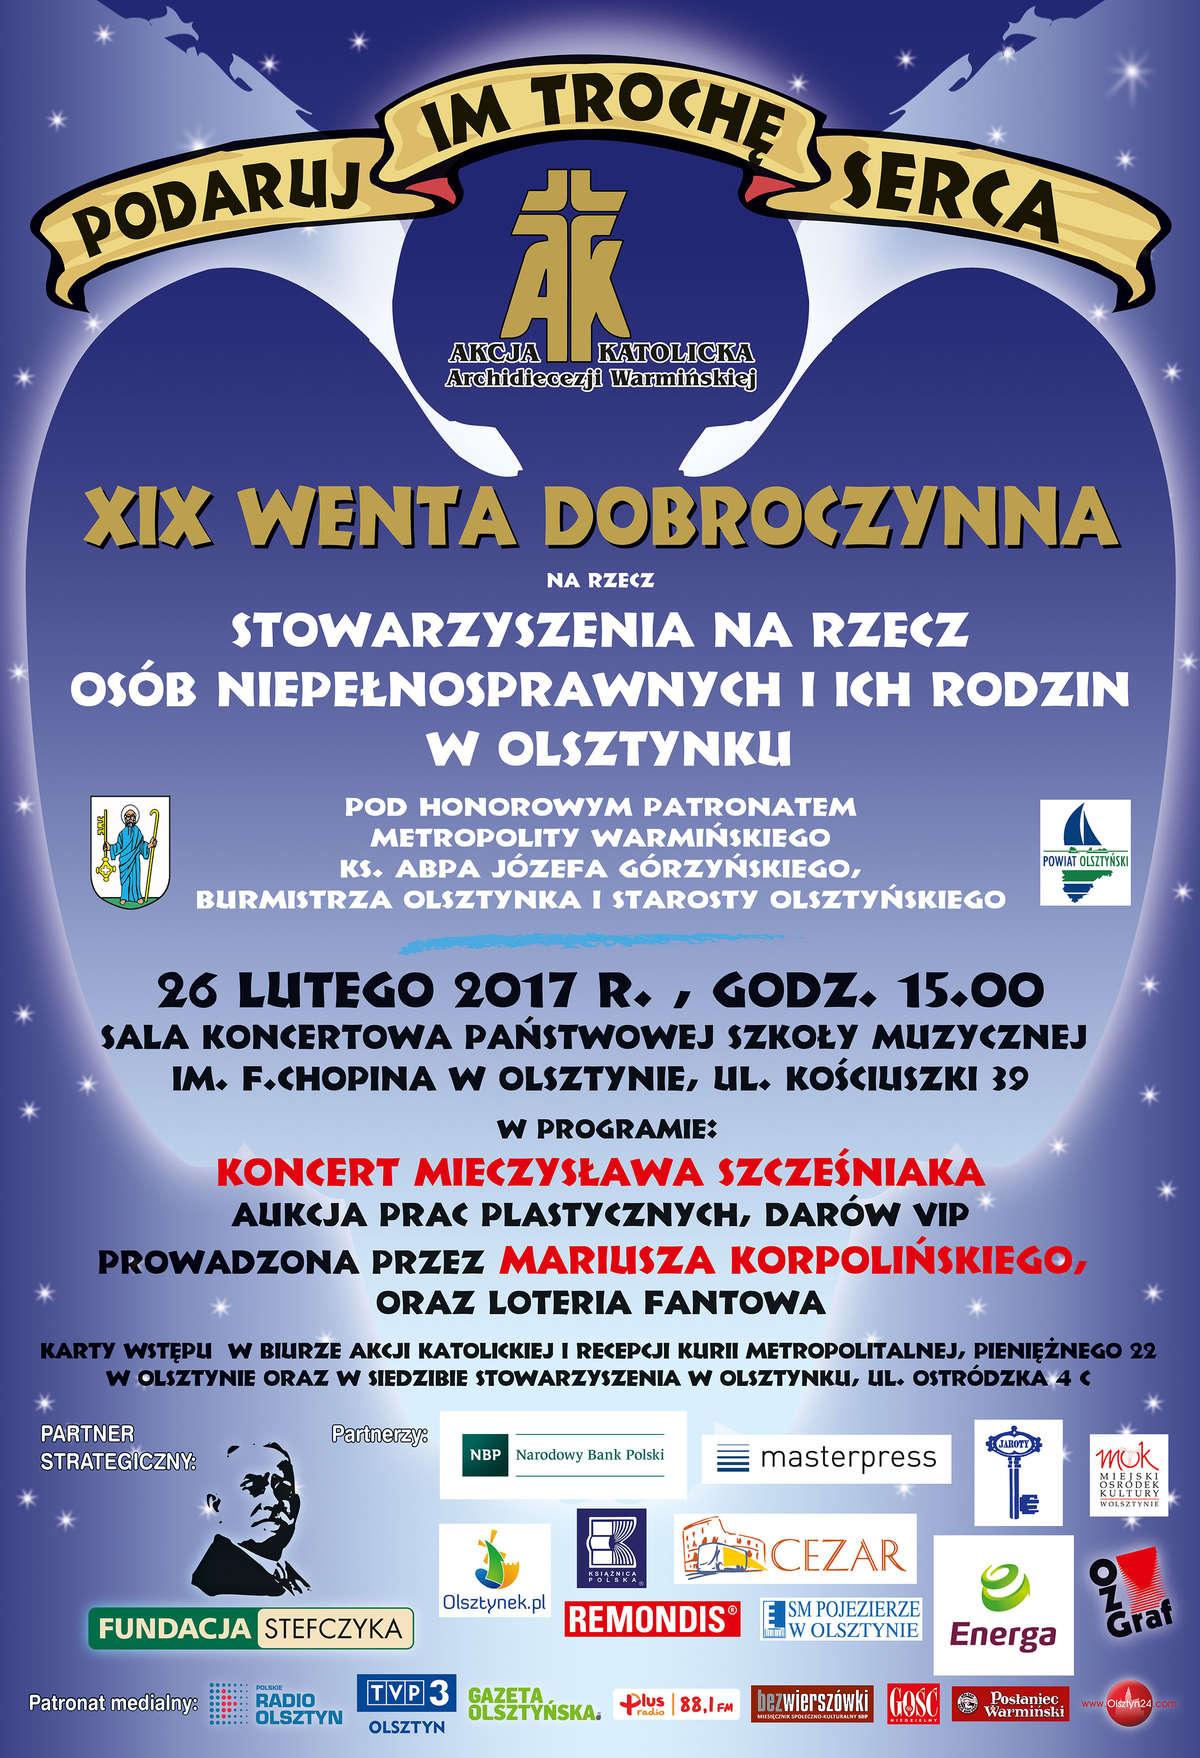 XIX Wenta Dobroczynna Akcji Katolickiej - full image